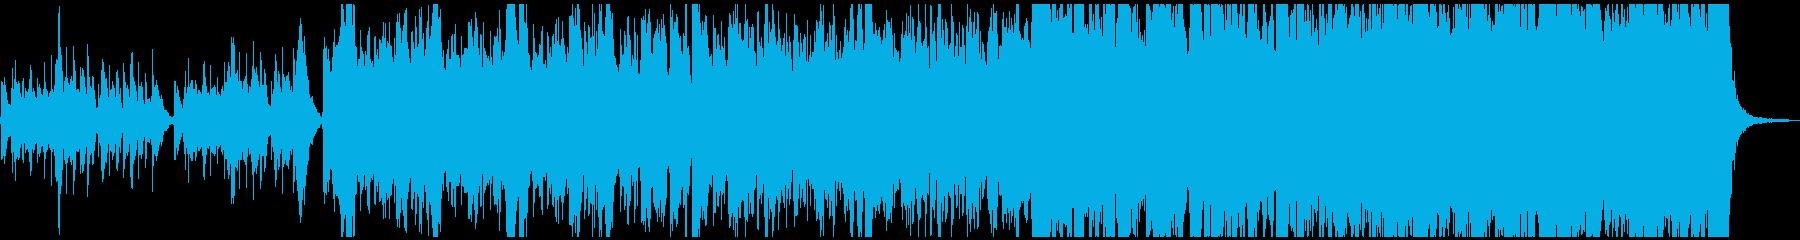 年末イベント向けファンタジーBGMの再生済みの波形